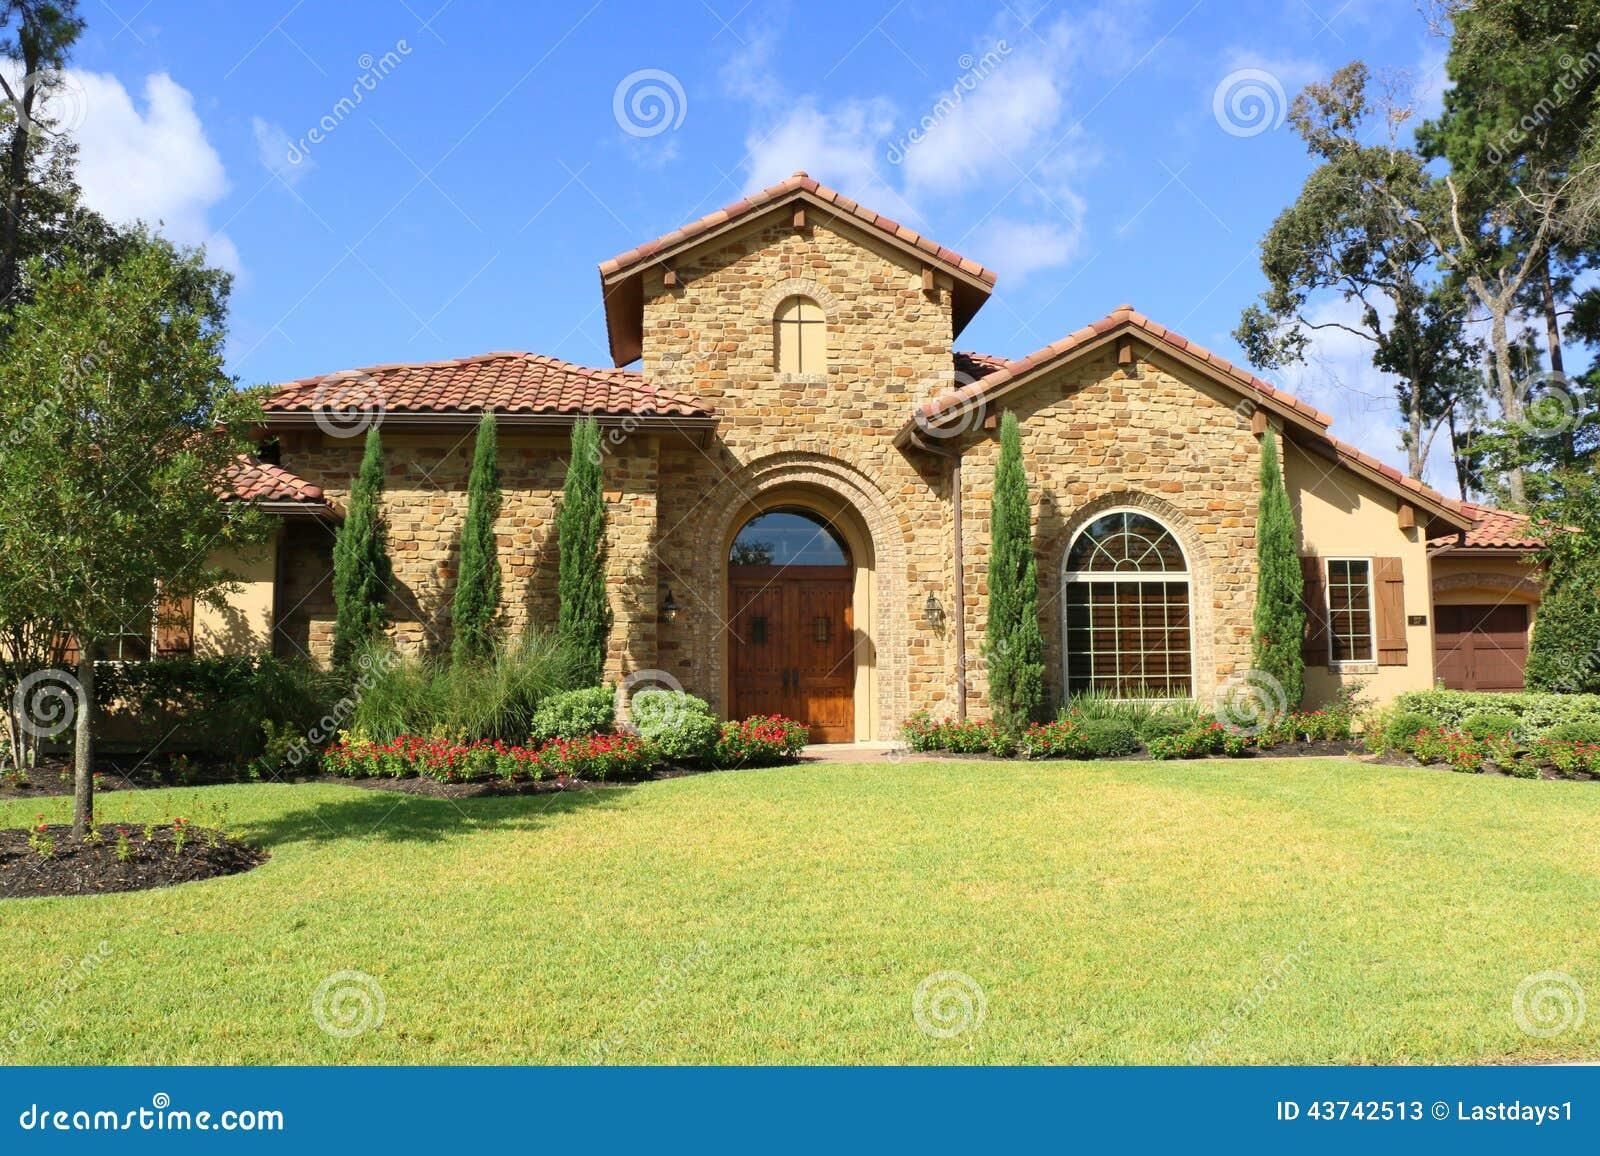 Sch ne h user stockbild bild von himmel hypothek villa for Schoene haeuser